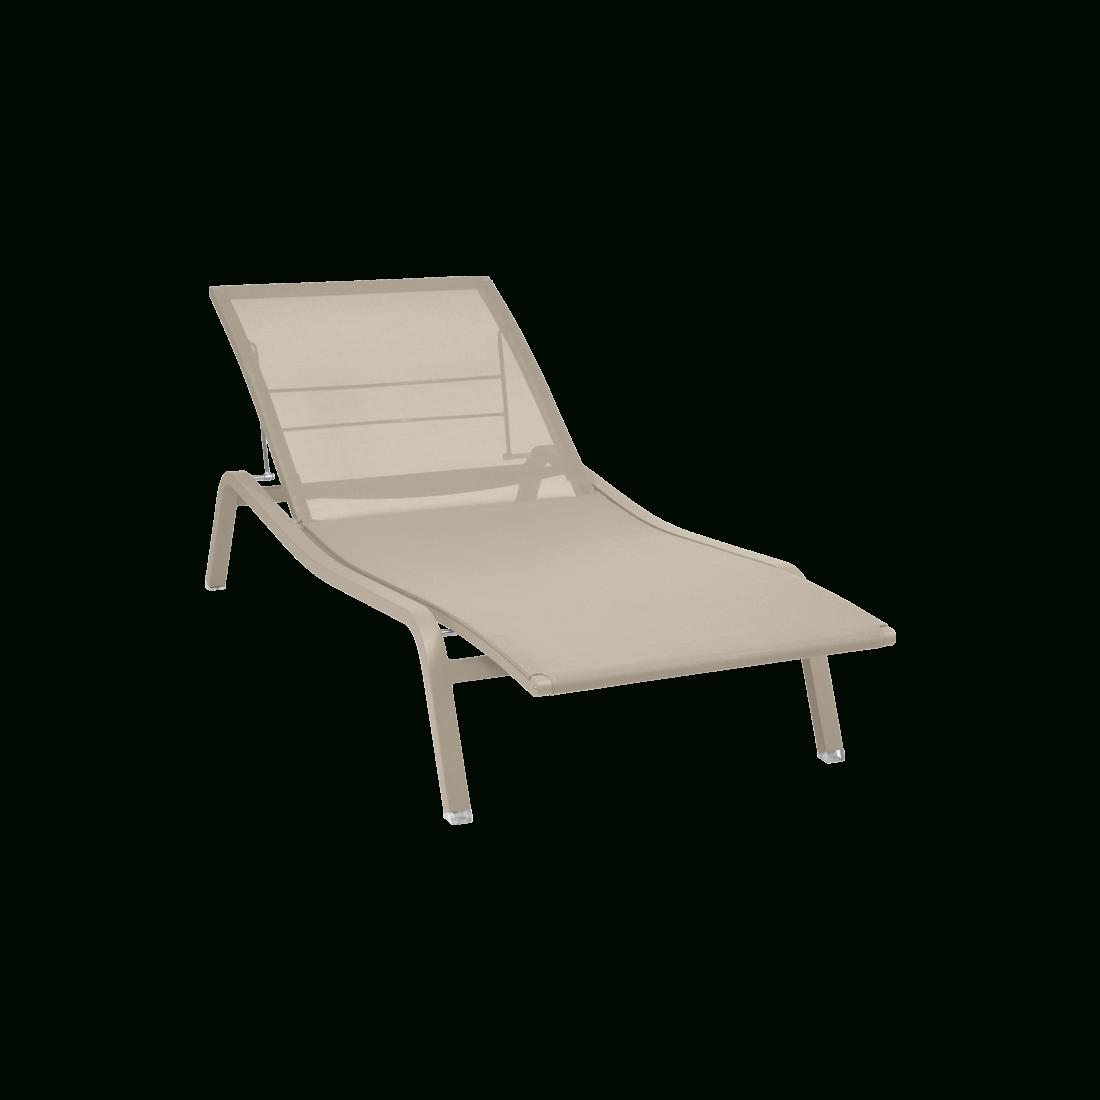 Alizé Sunlounger, Garden Chaise Longue intérieur Bain De Soleil Lombok Gifi